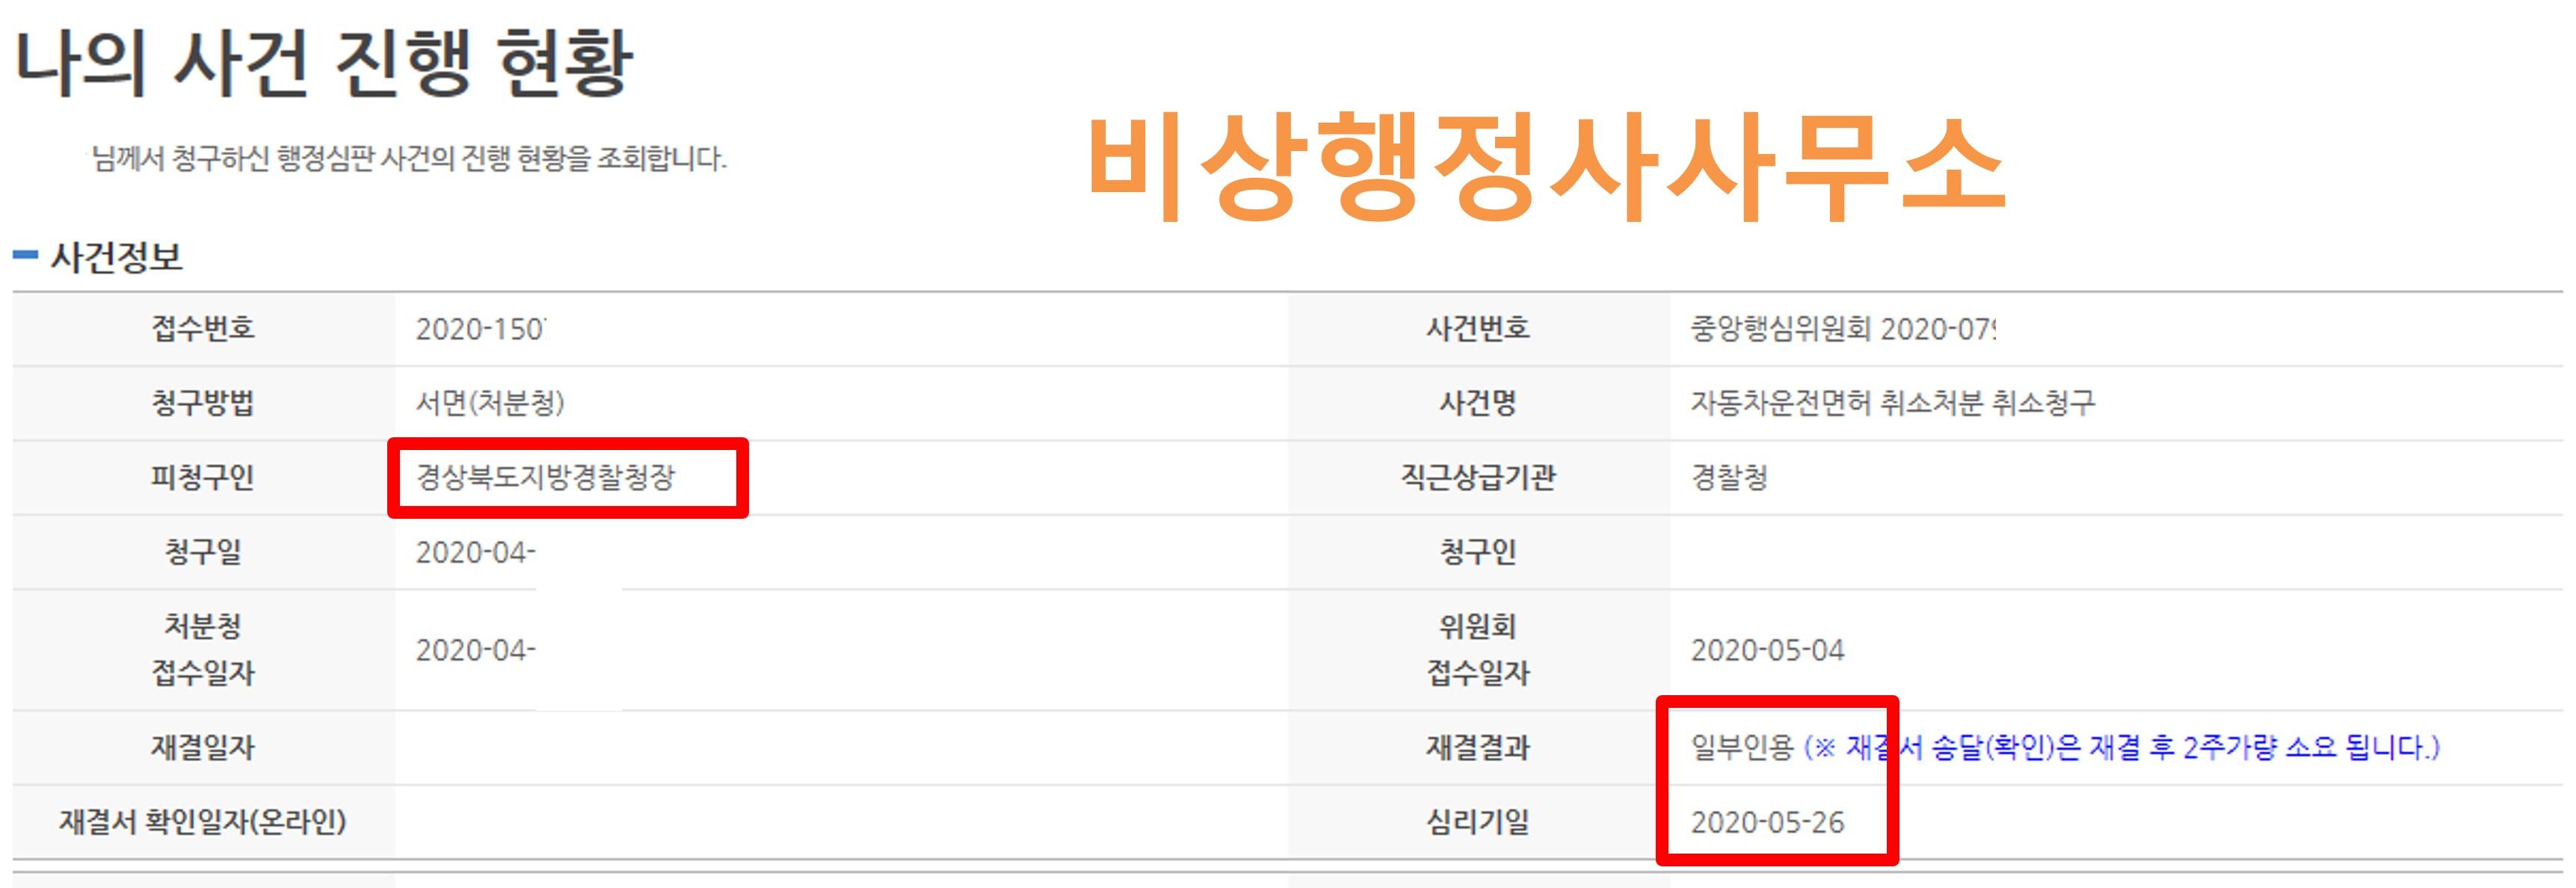 20200526결과(유)_김천.jpg